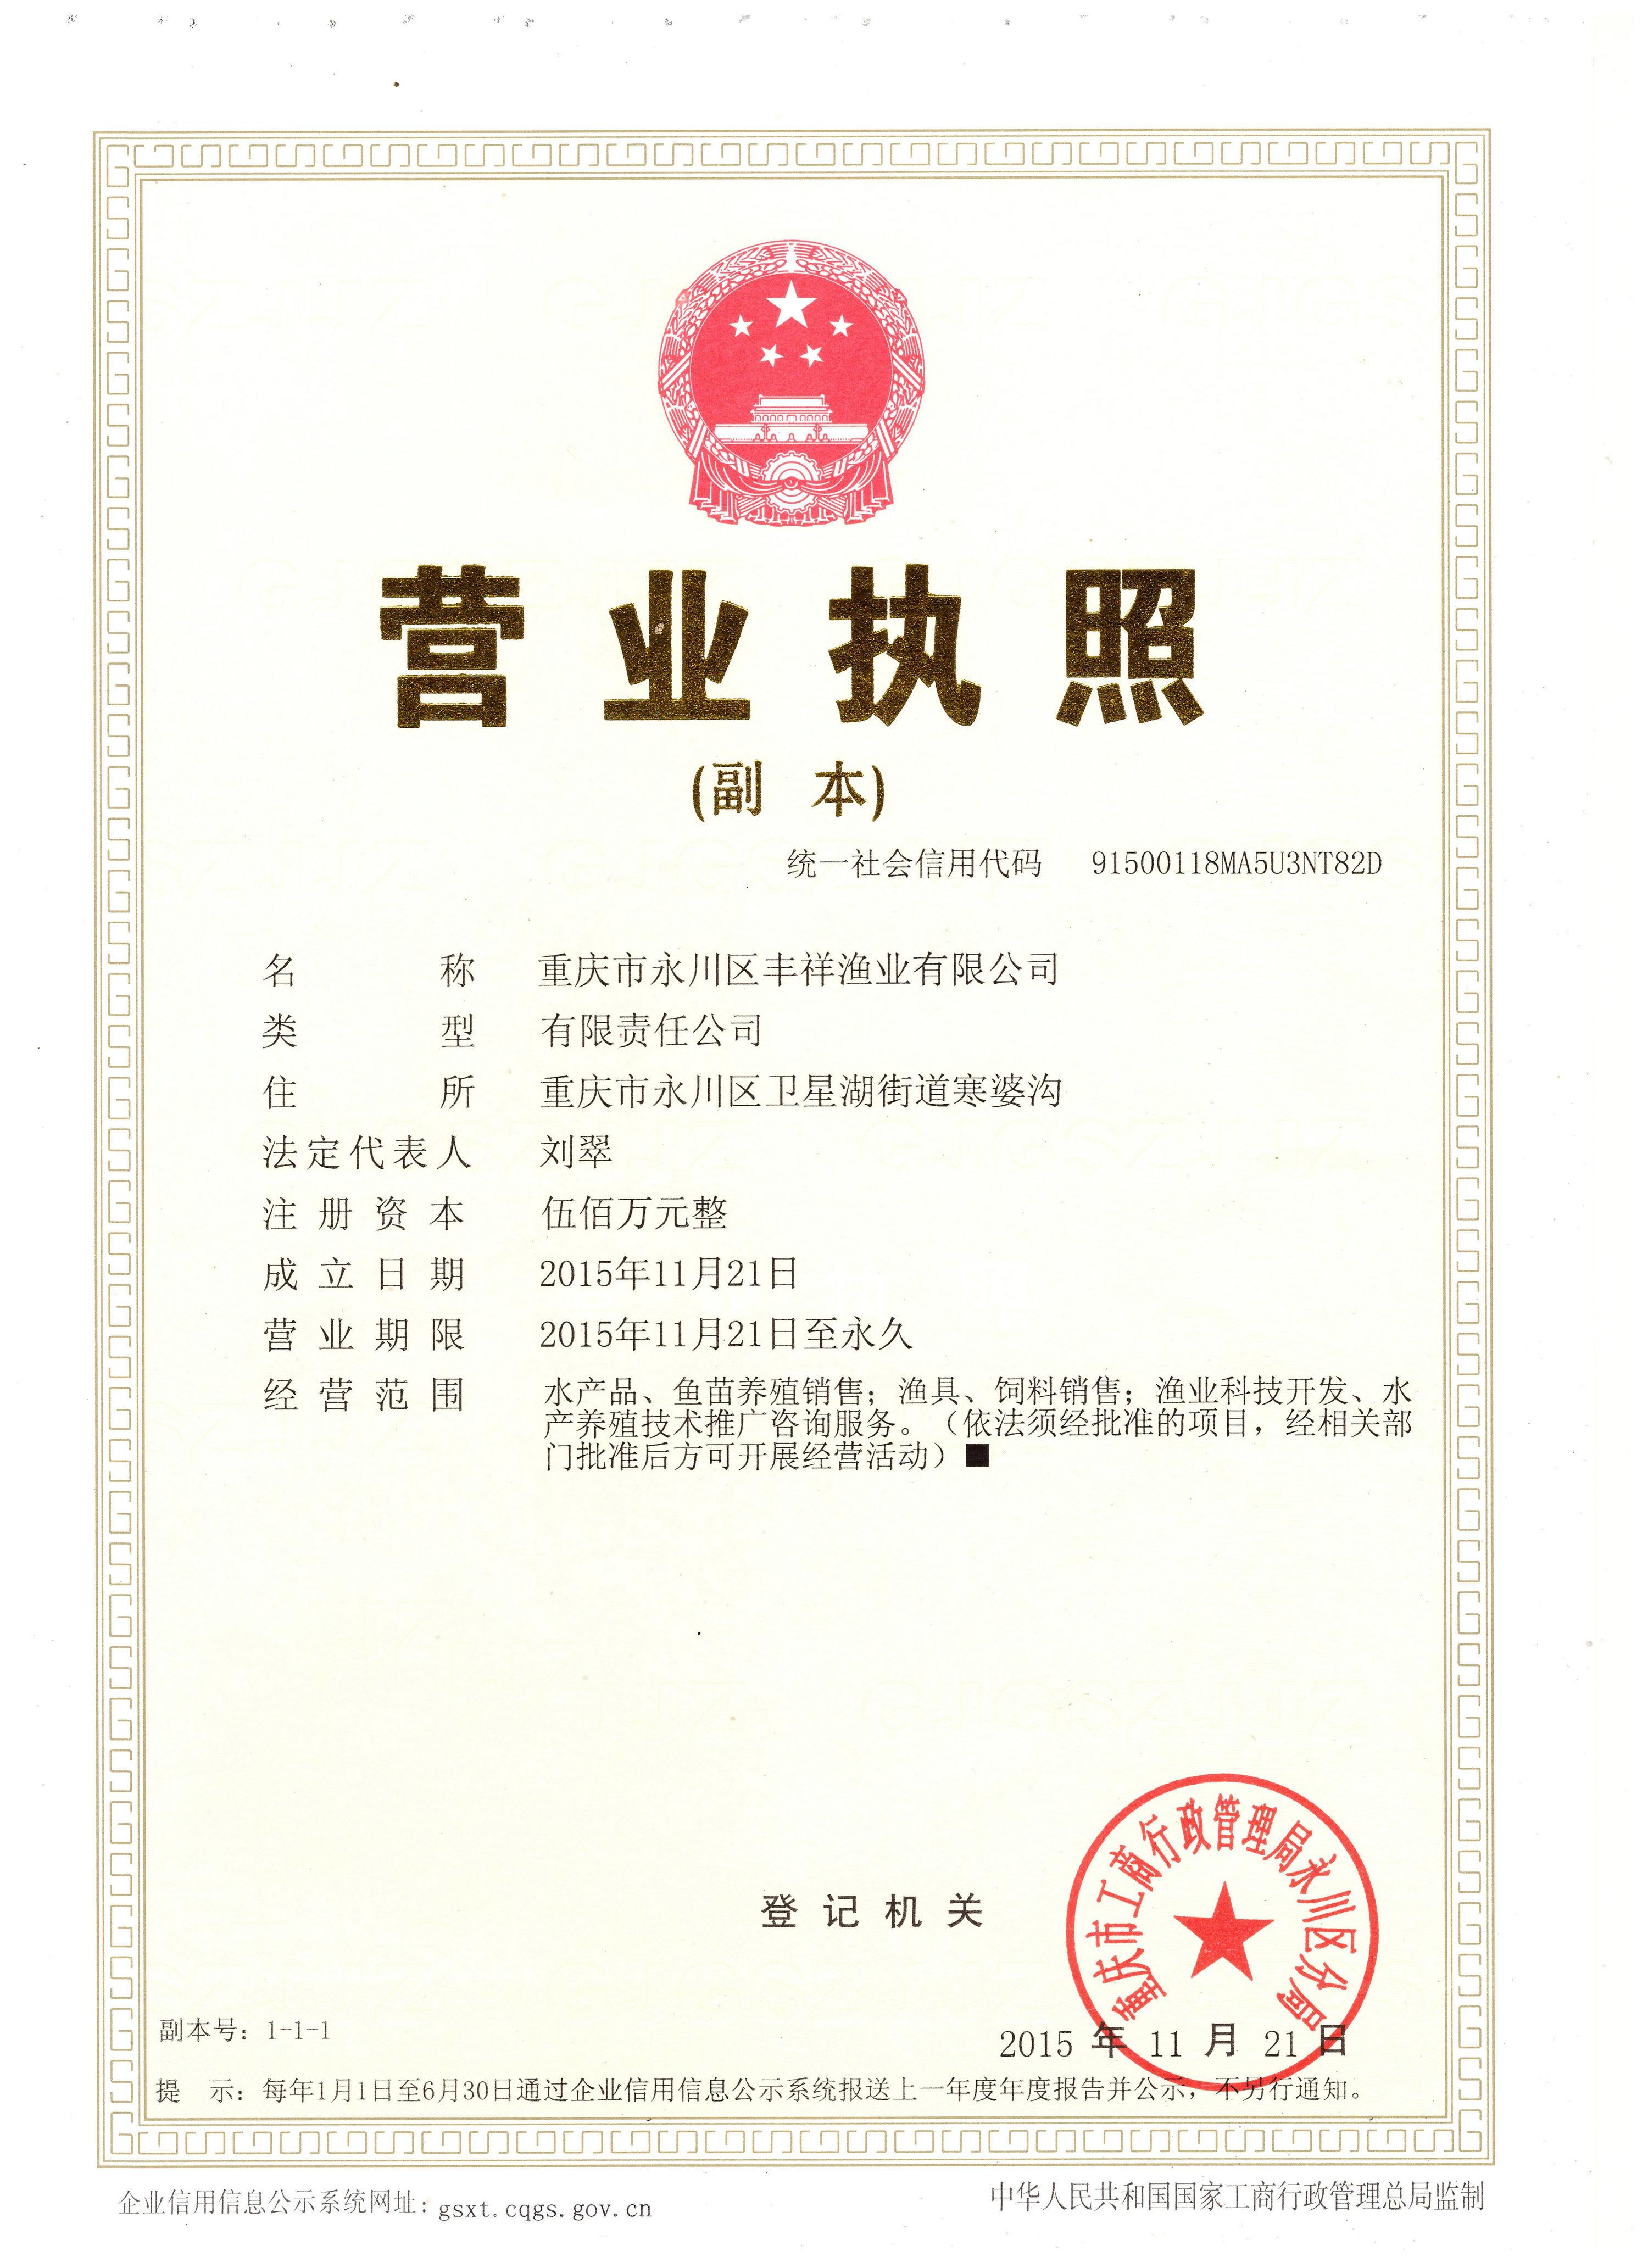 重庆市永川区丰祥渔业有限公司欢迎光临!